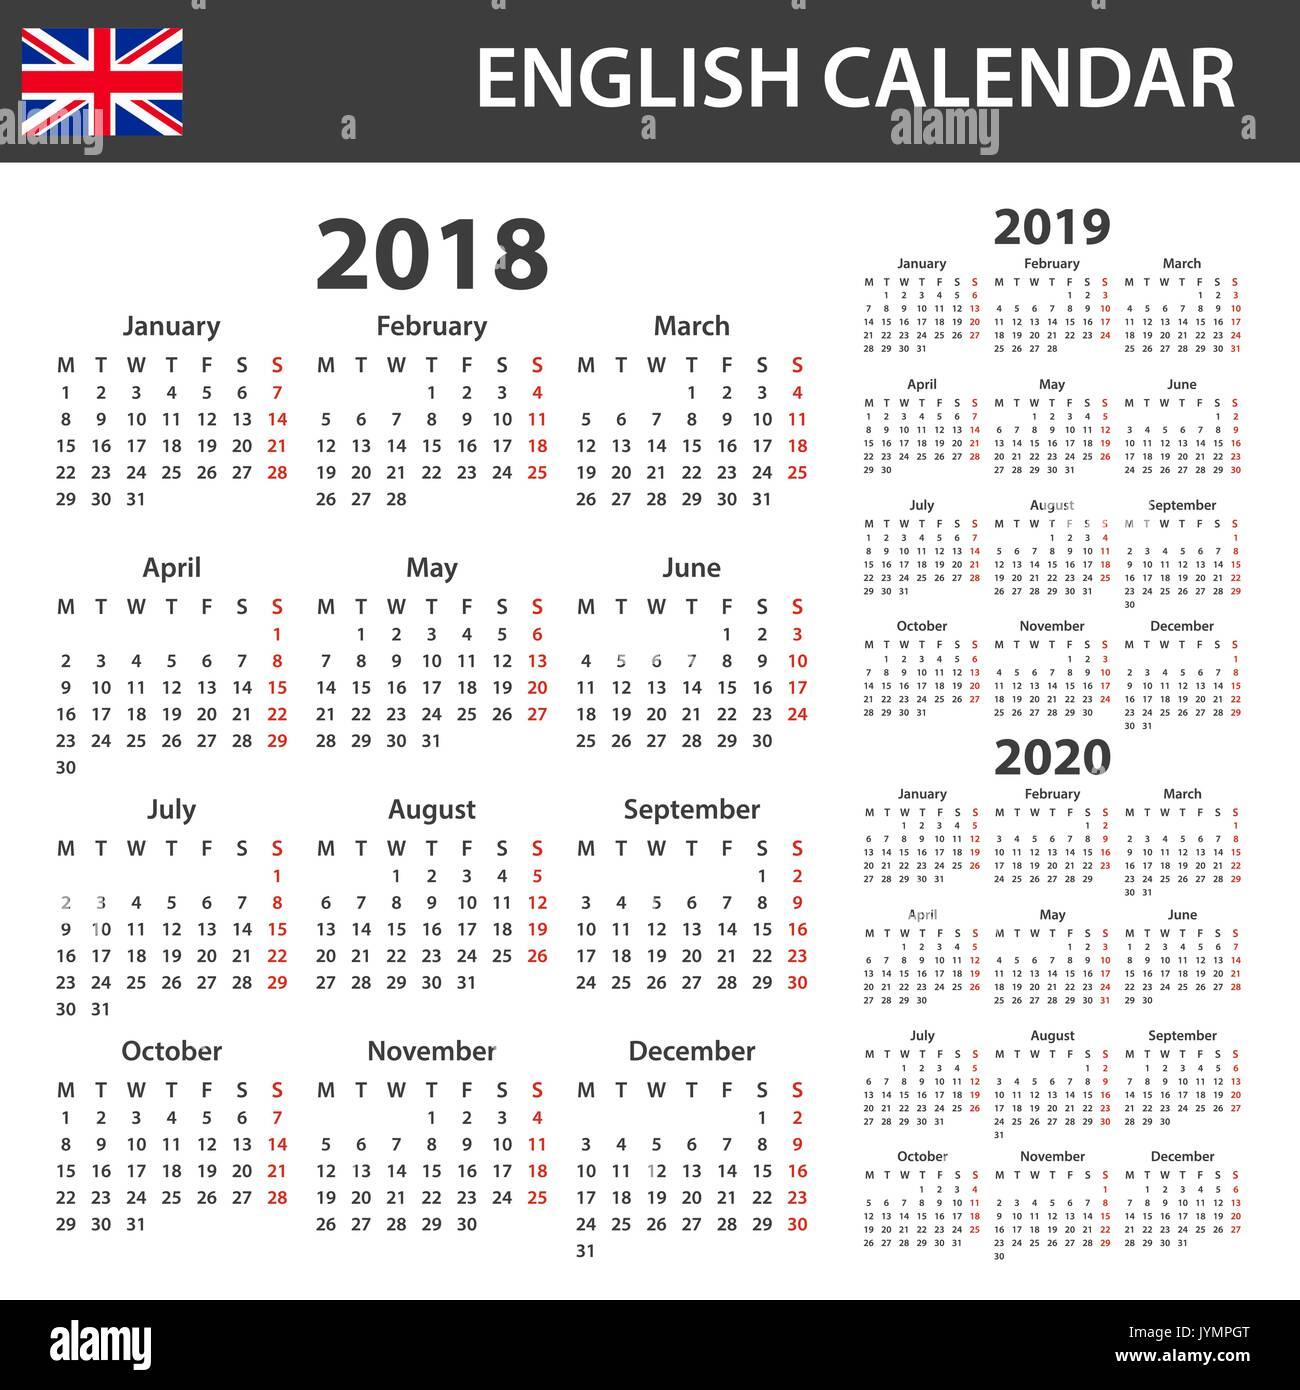 English Calendar 2020 English Calendar for 2018, 2019 and 2020. Scheduler, agenda or